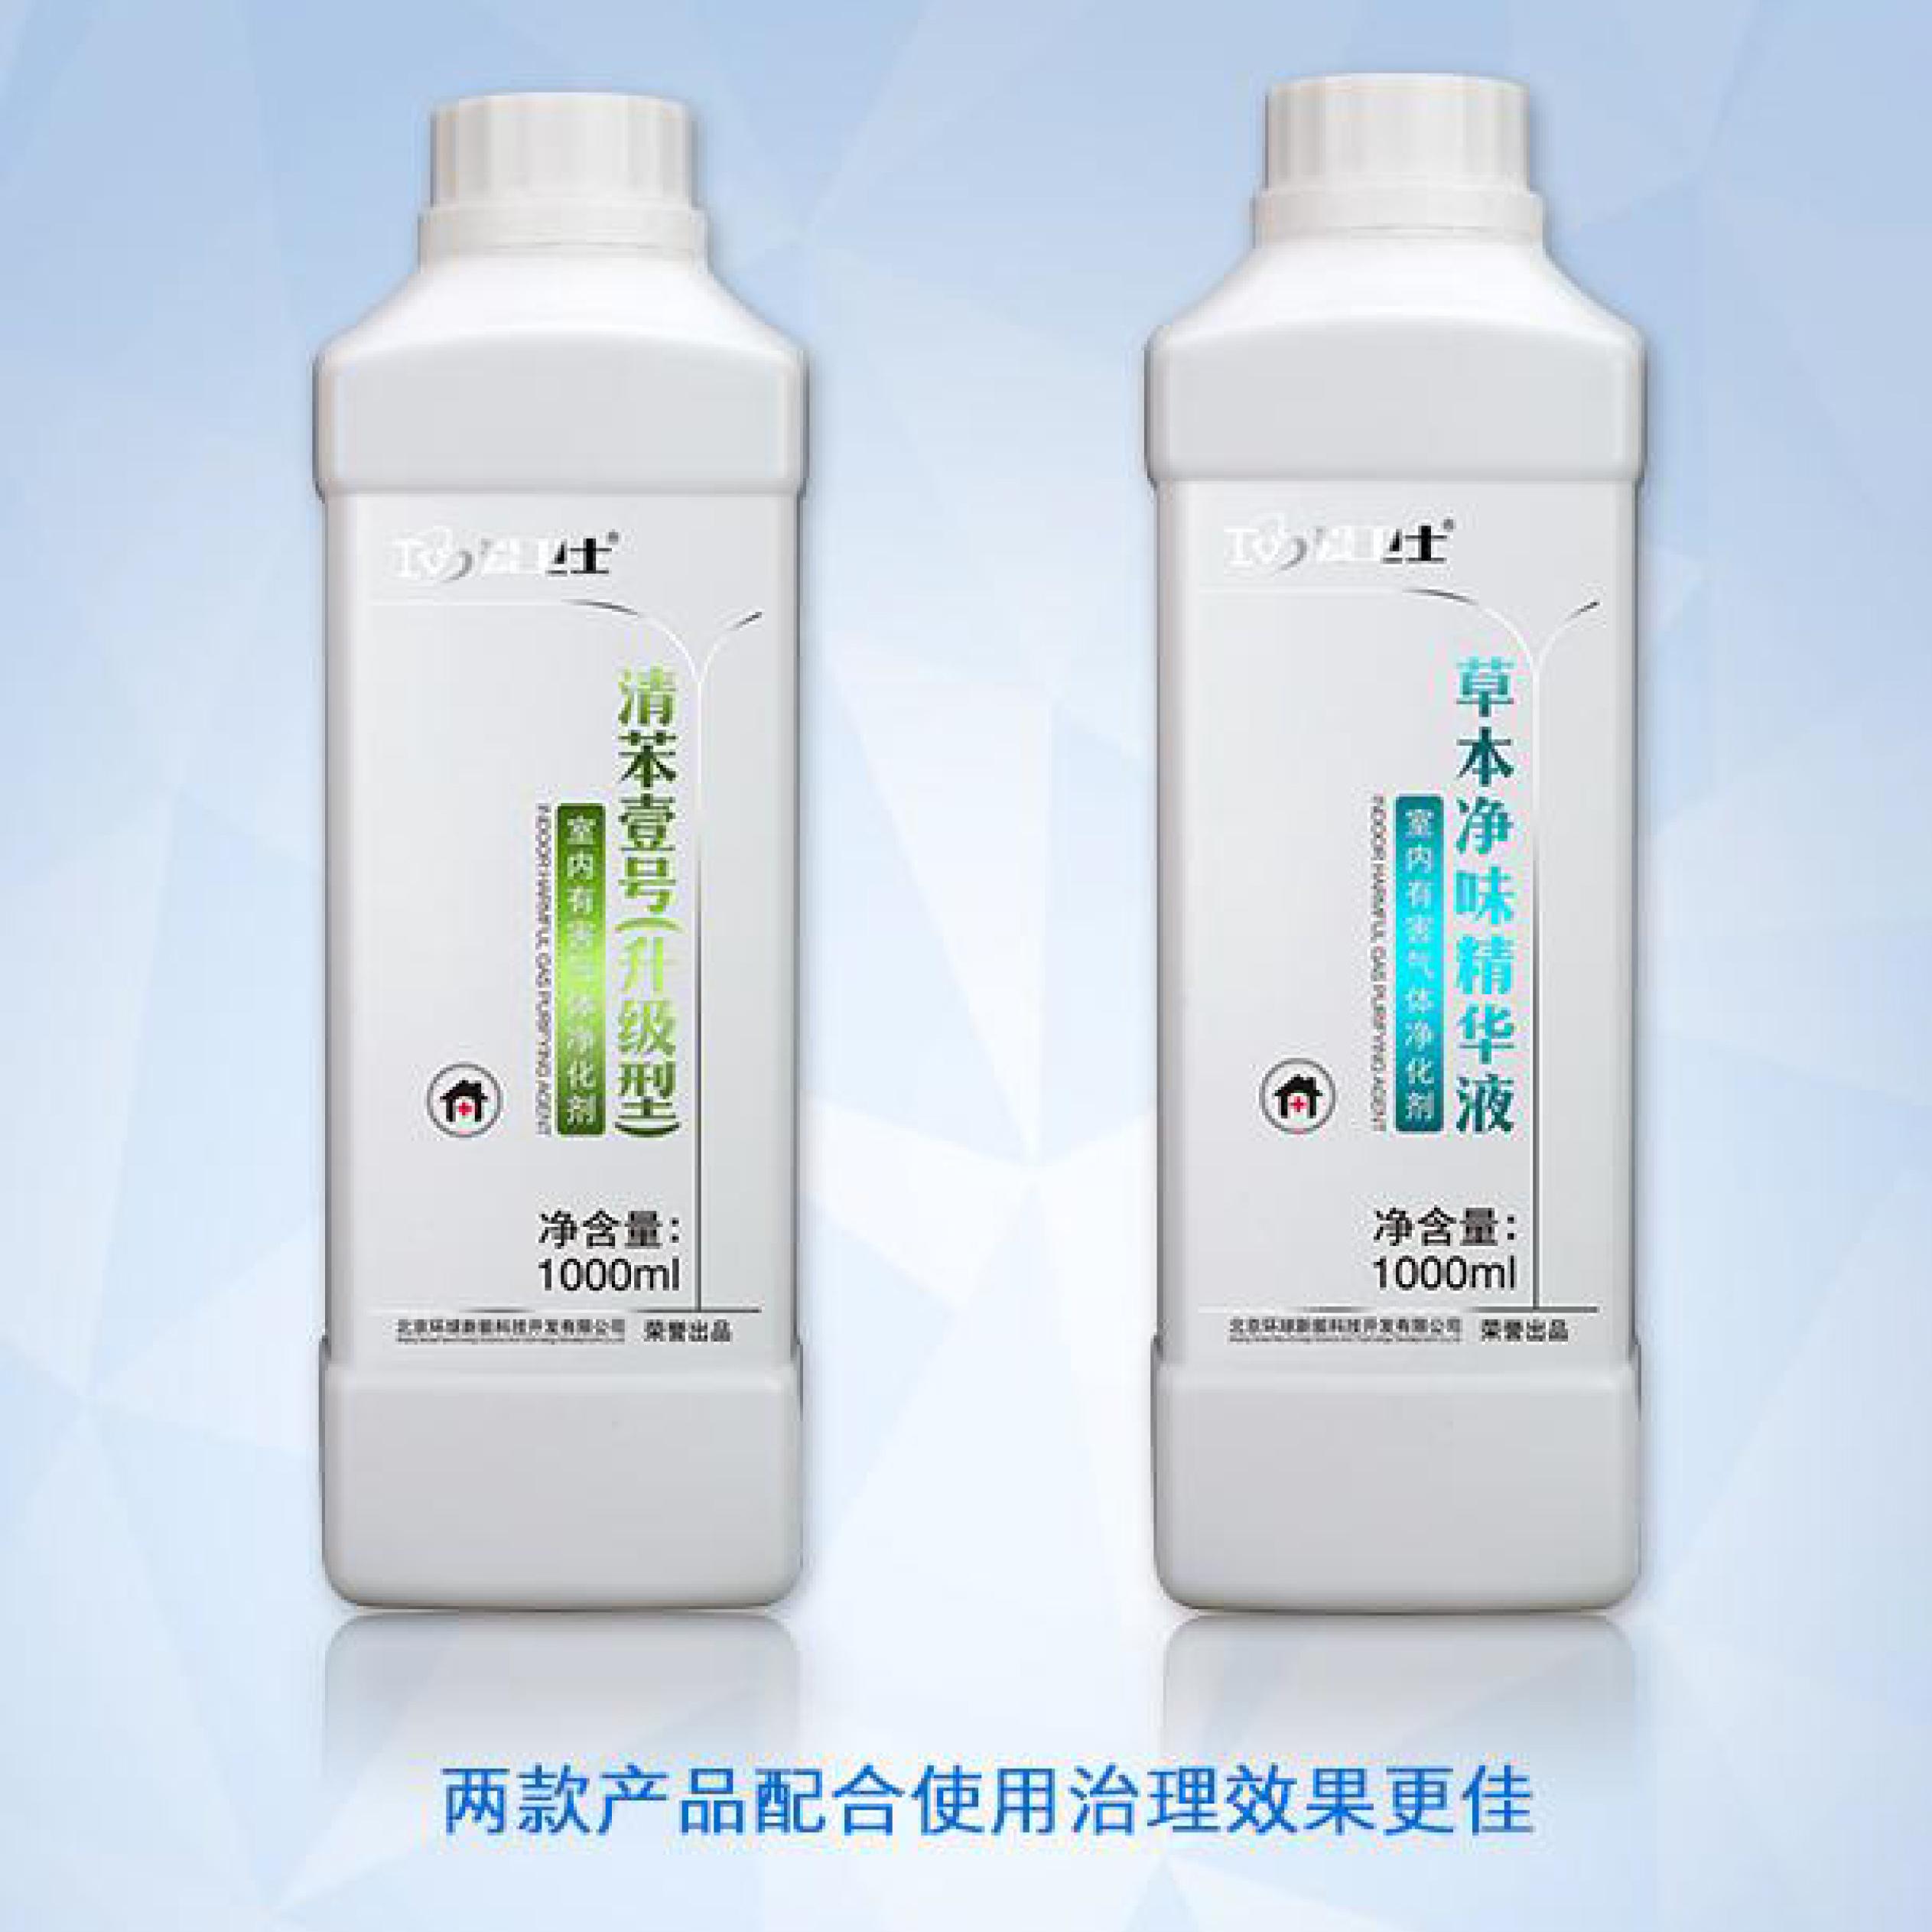 清苯一号(升级型)草本净味净化液一升装